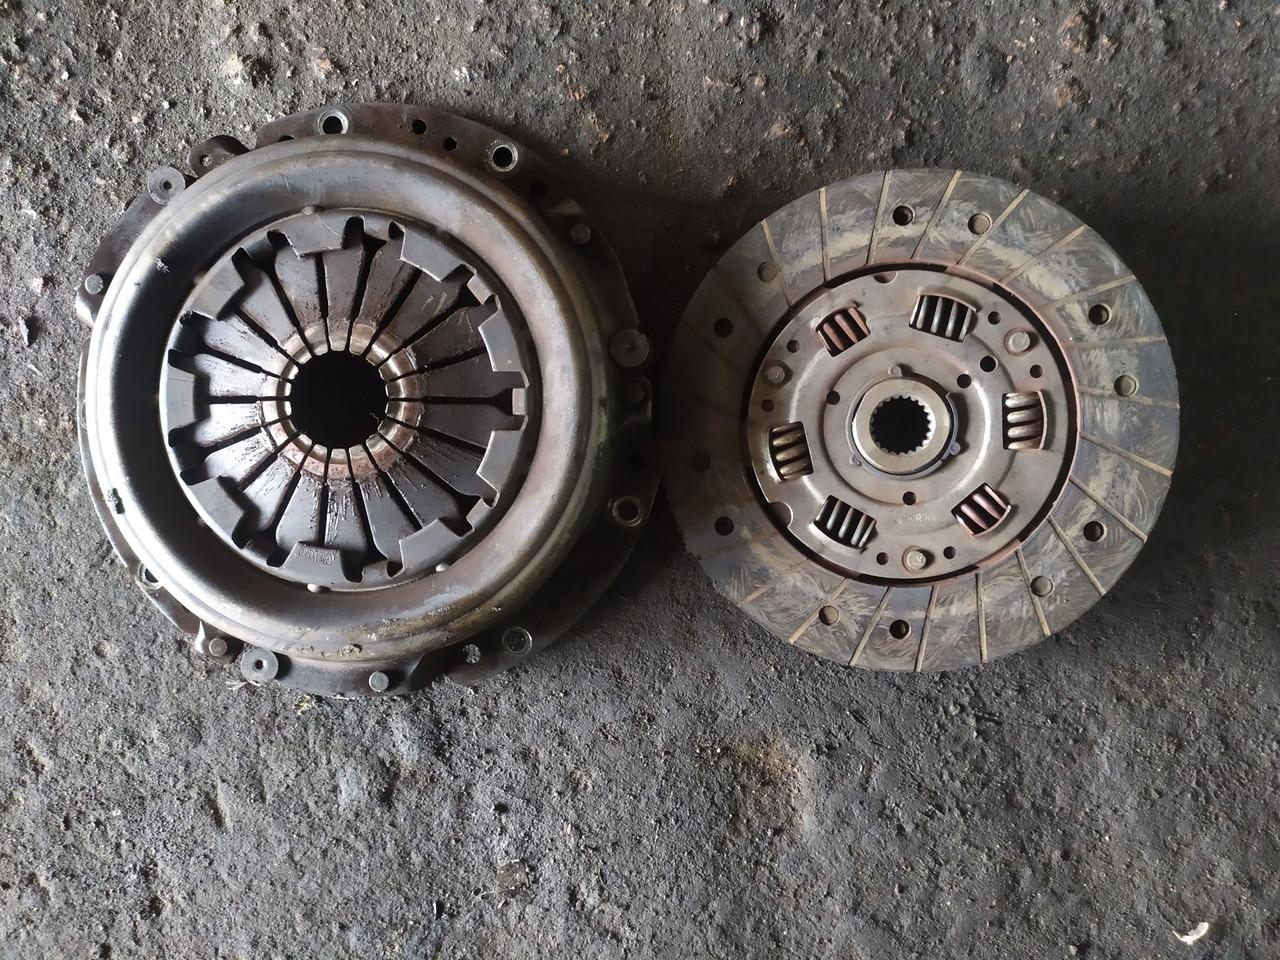 Заміна зчеплення Volkswagen ремонт Ремонт Коробки передач Київ